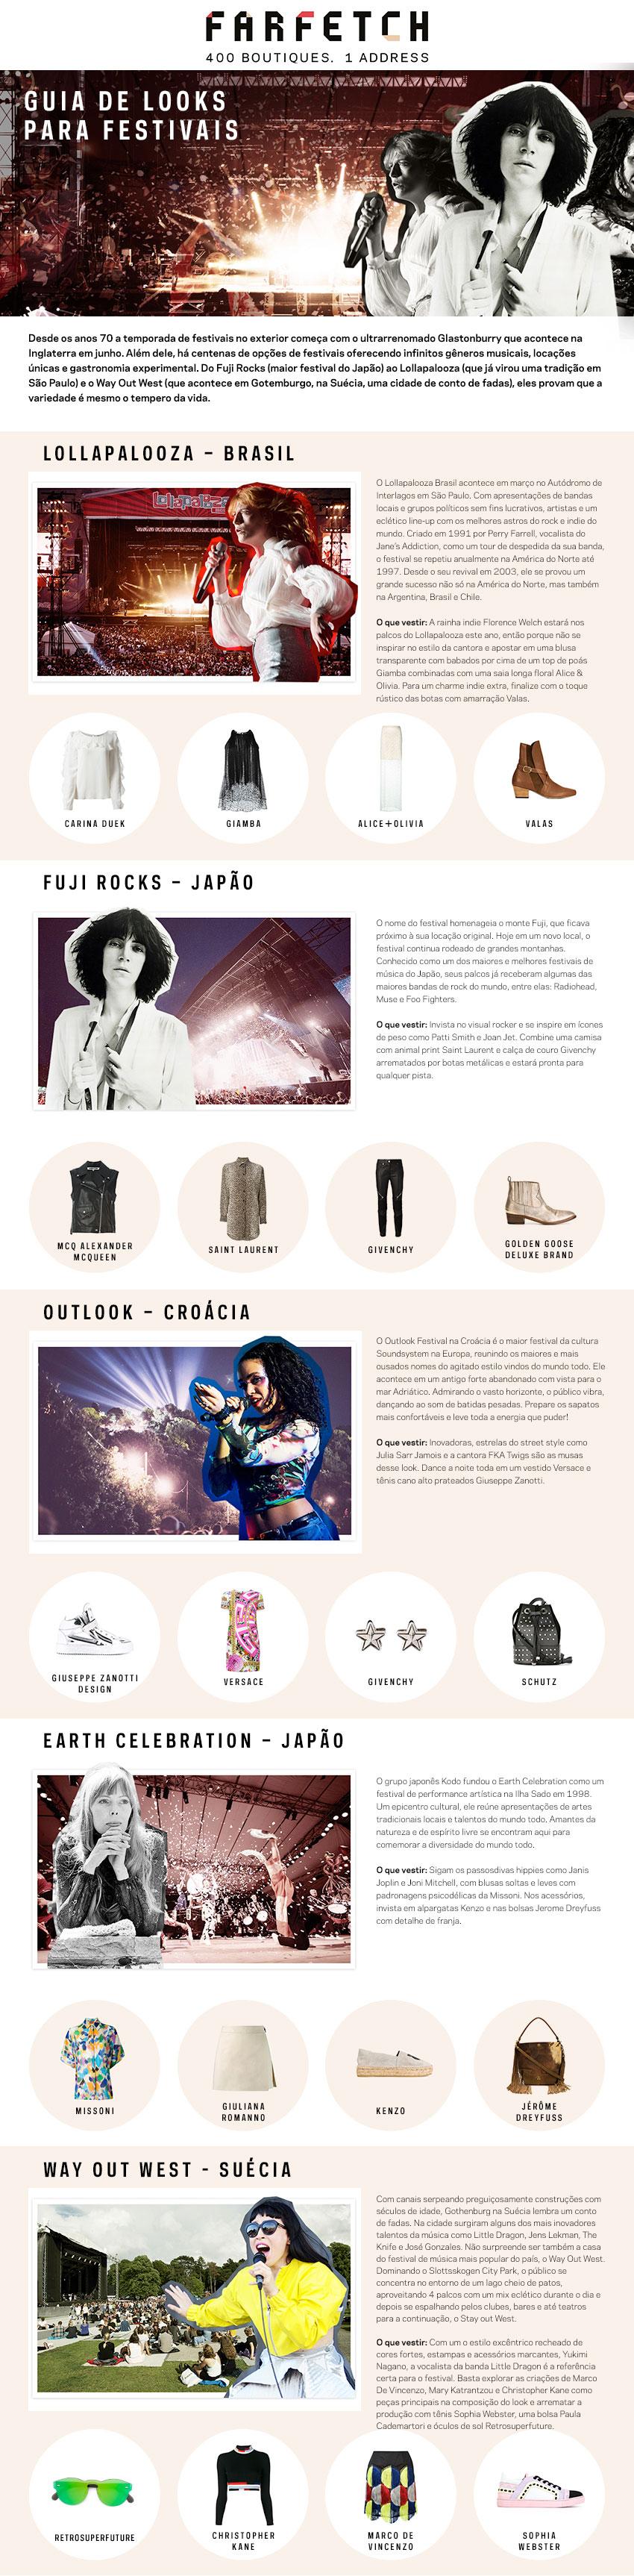 Guia de Looks para Festivais - Farfetch (1)